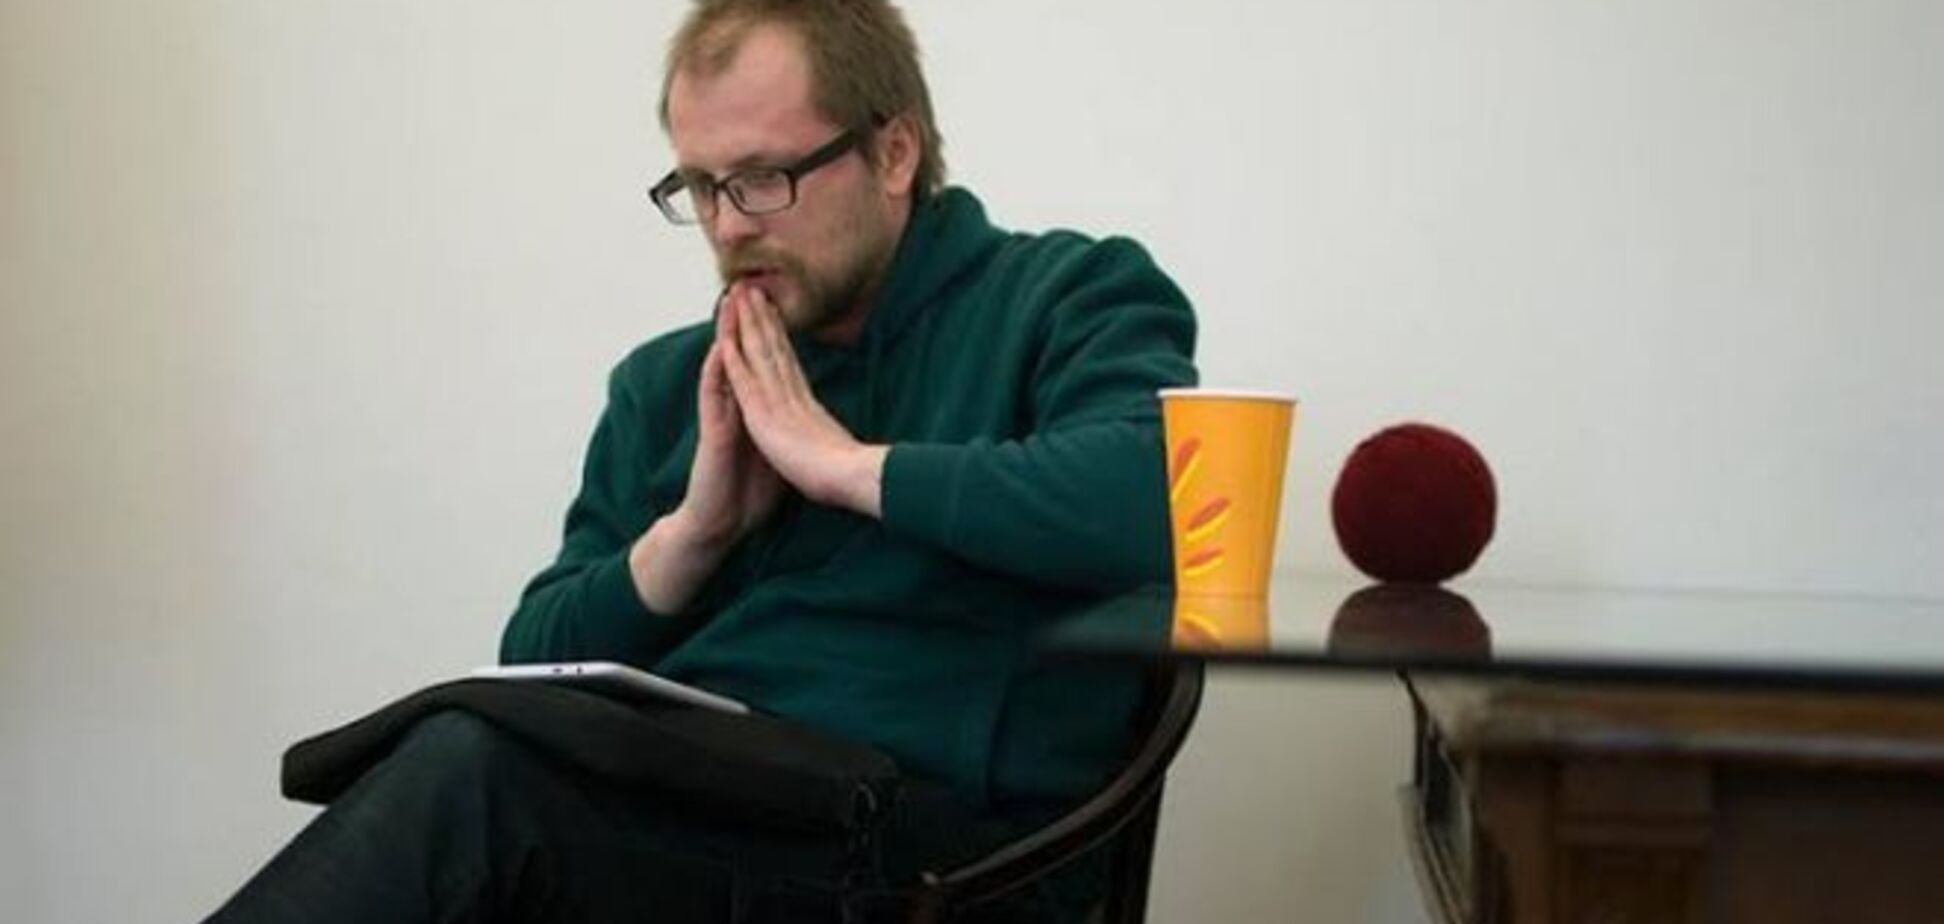 Fаcebook забанил украинского писателя за мем 'Че там у хохлов?'